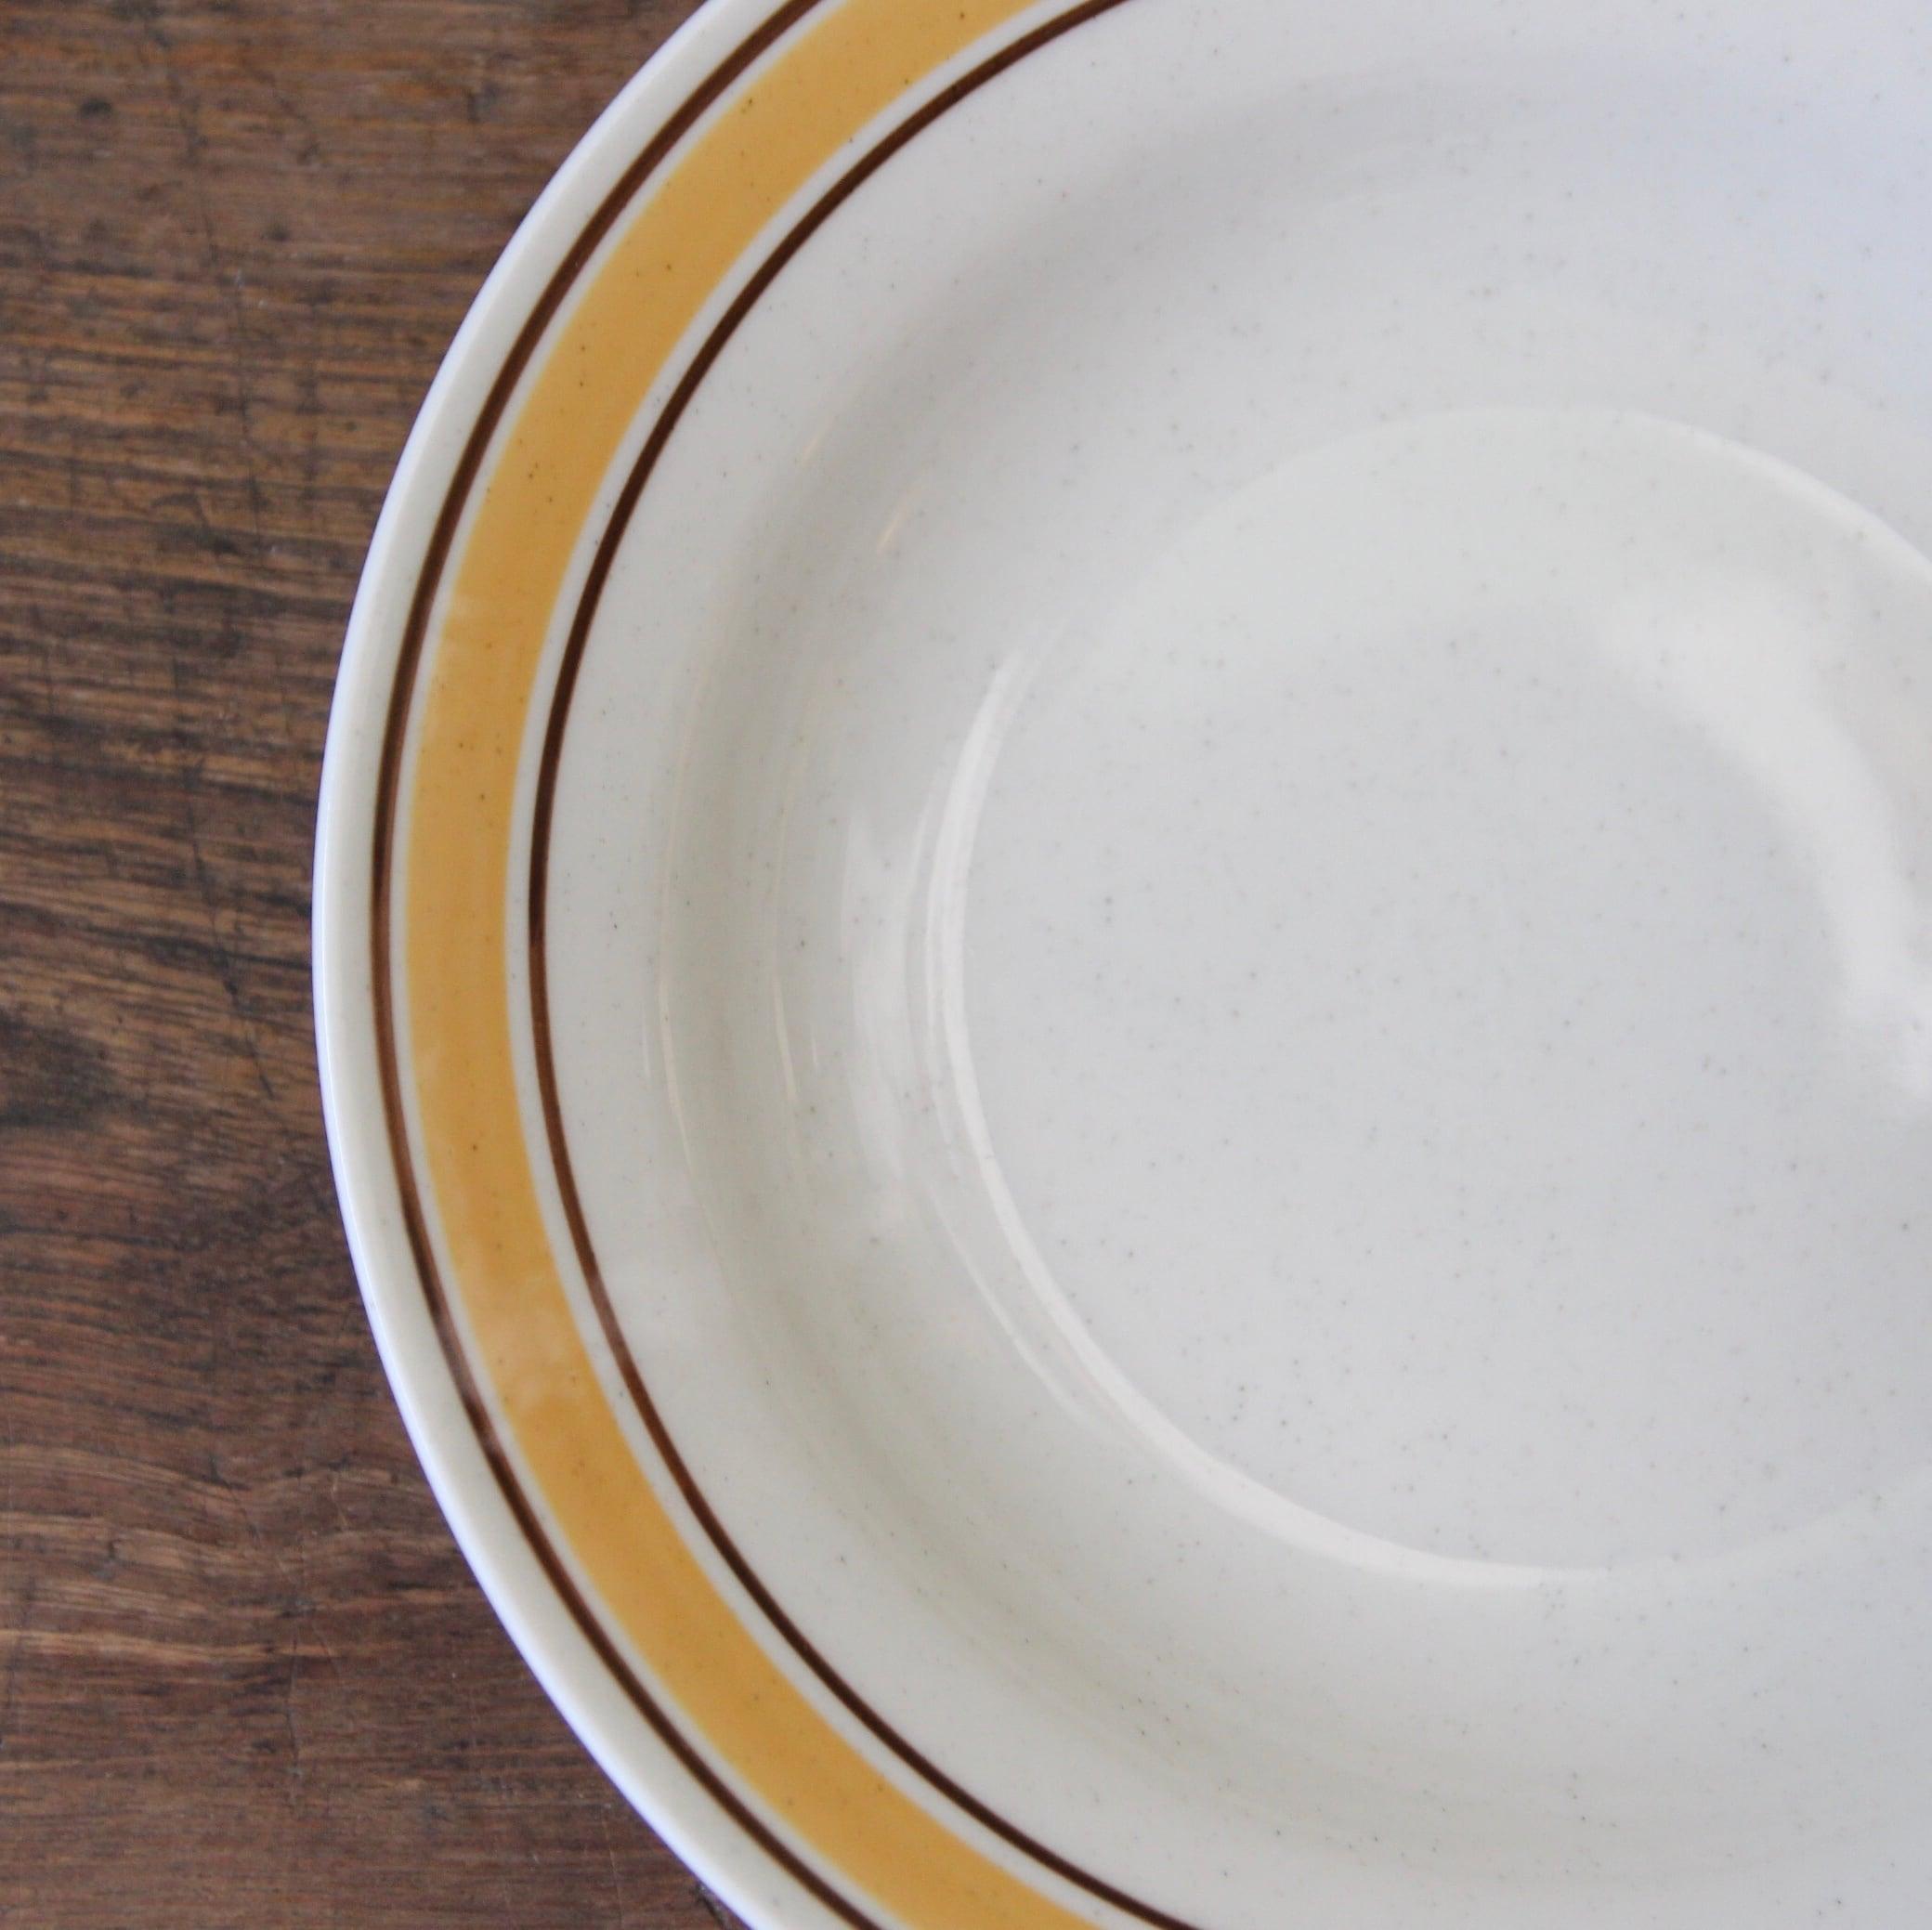 NICHIAE レトロなライン皿 在庫4枚